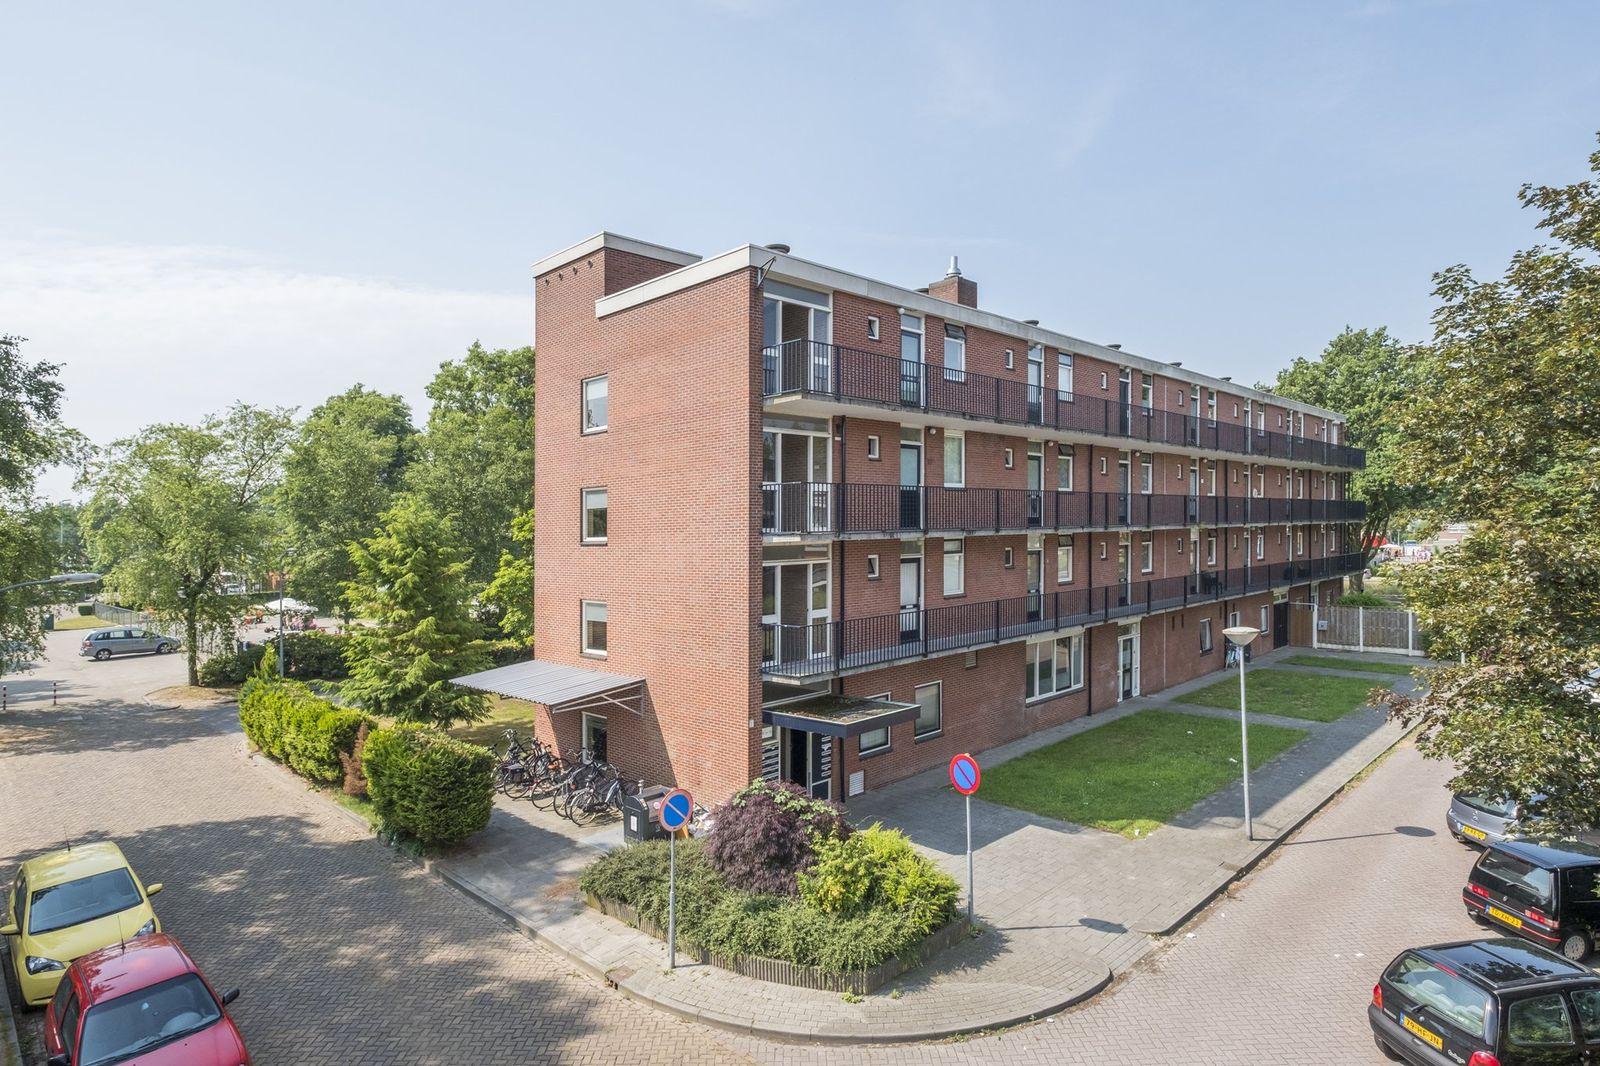 Laan van Kortrijk 89-a, Almelo